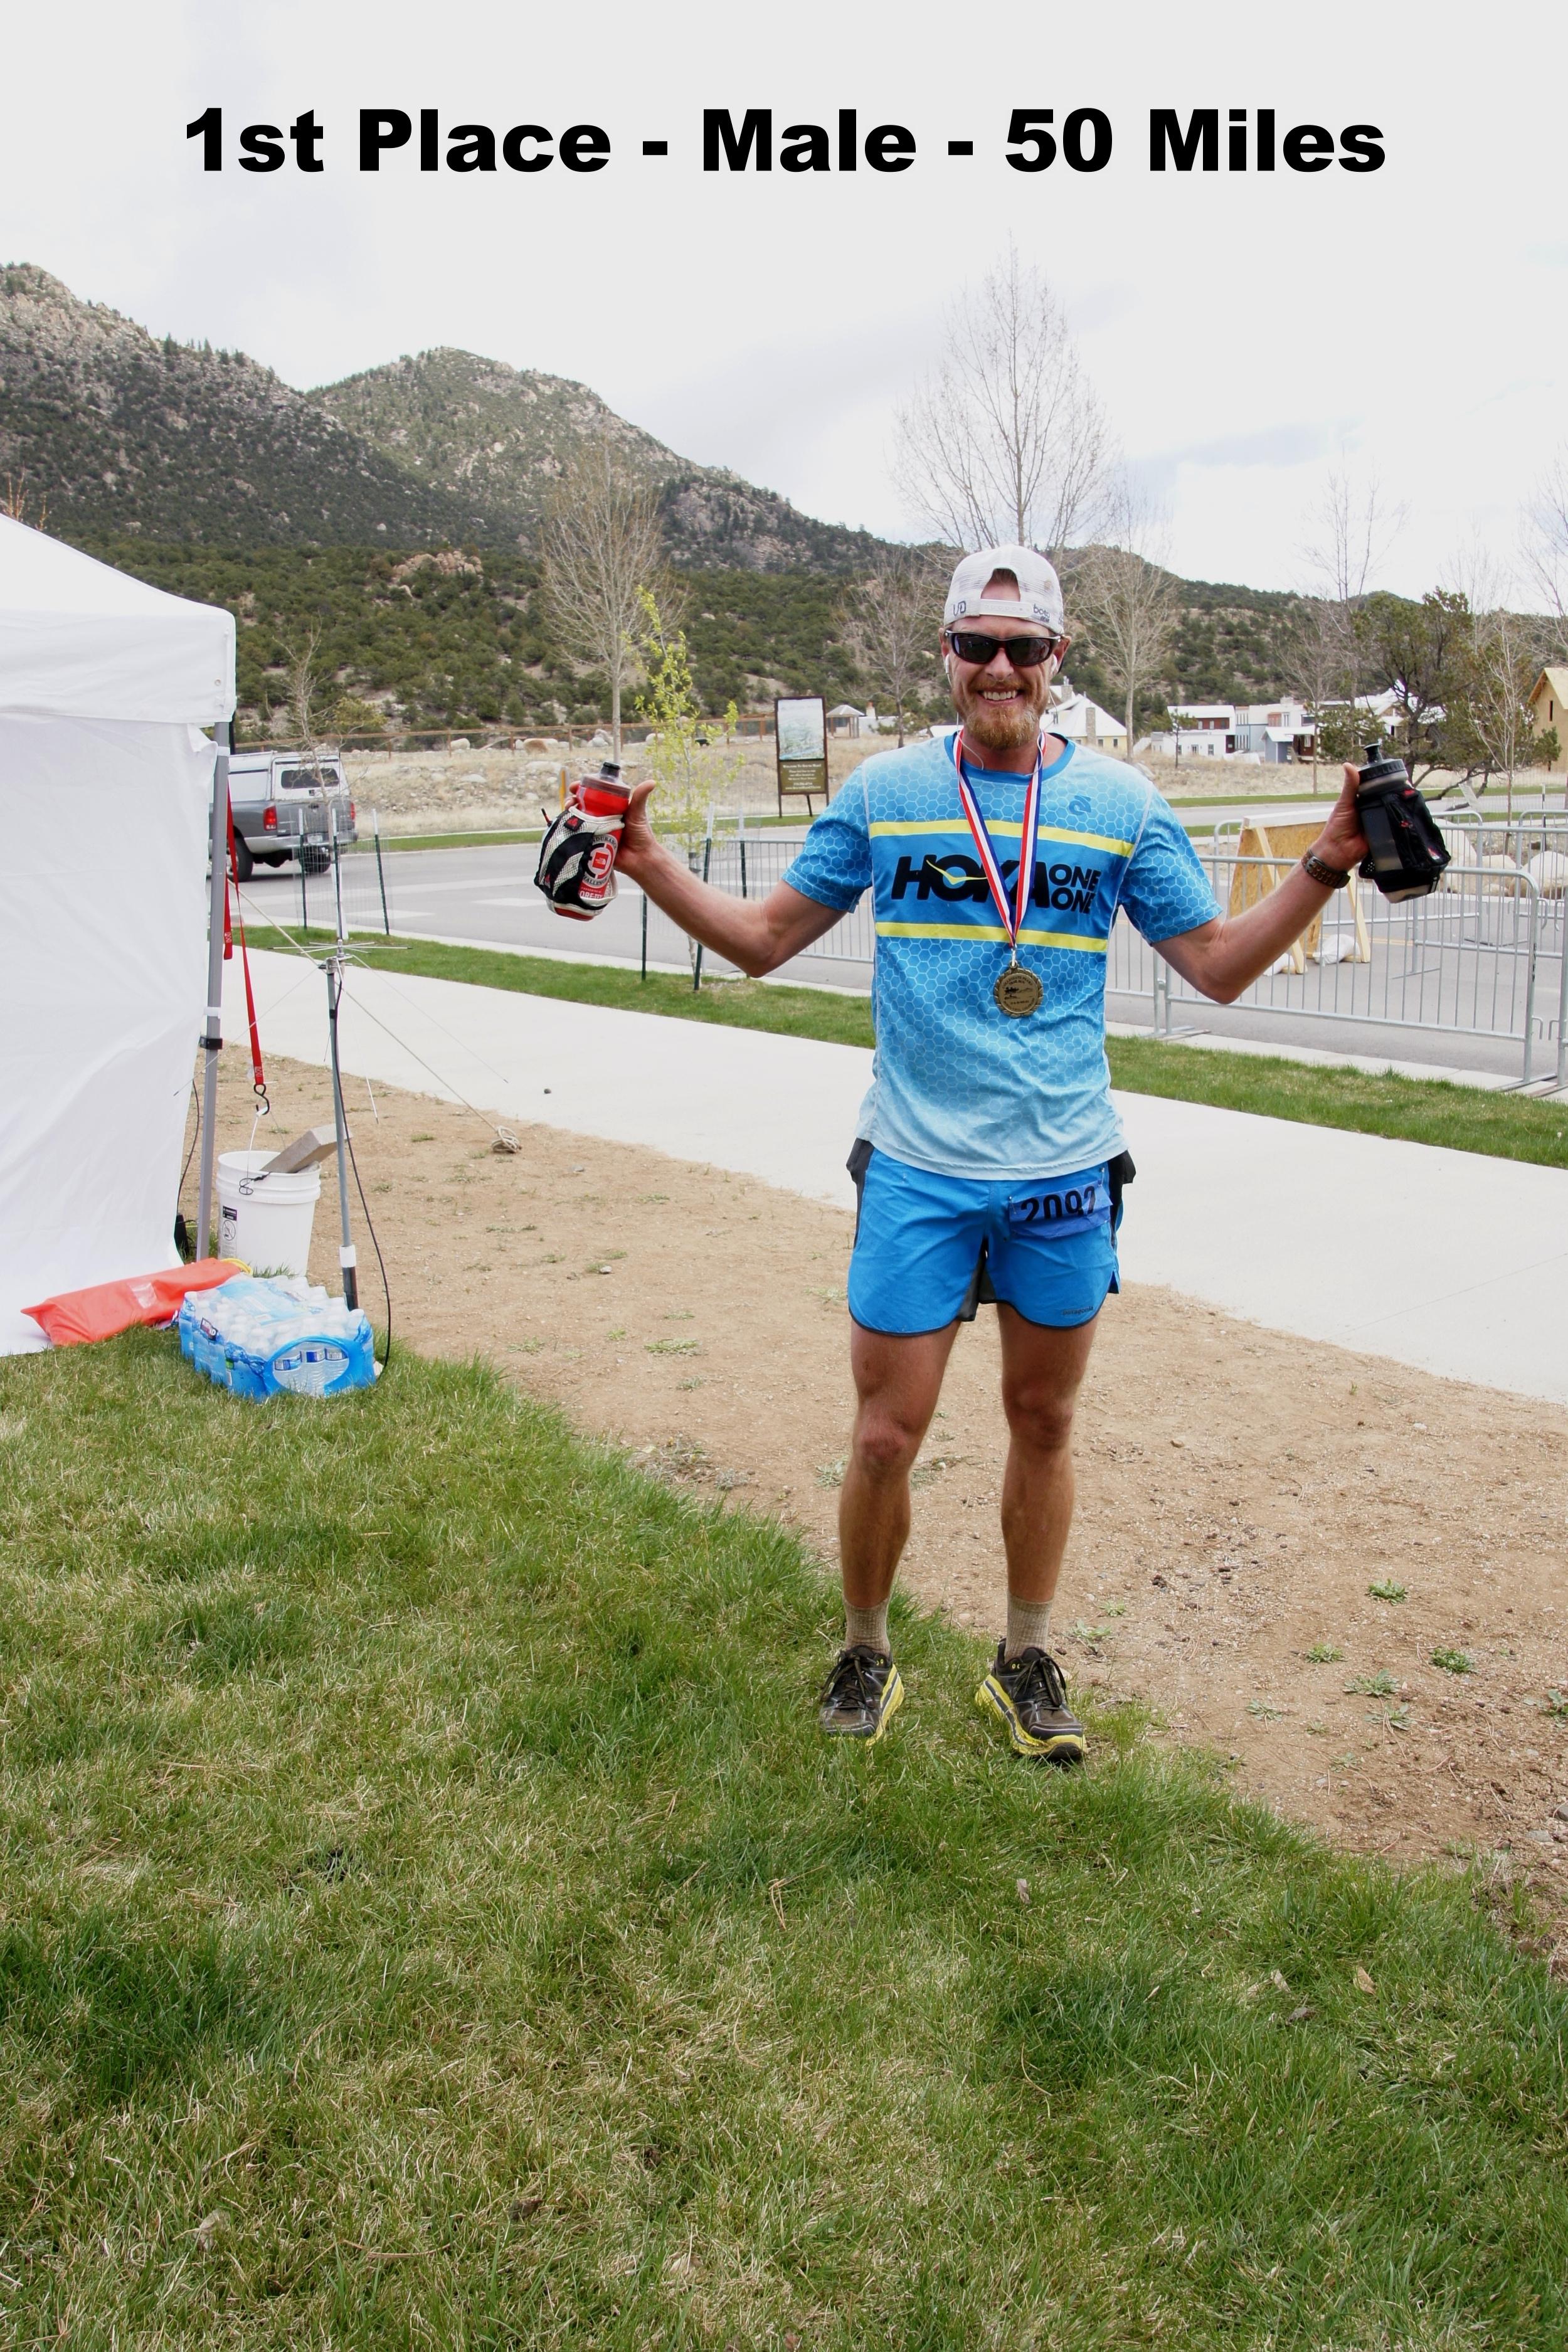 DSC08377 - 50-mile winner.JPG